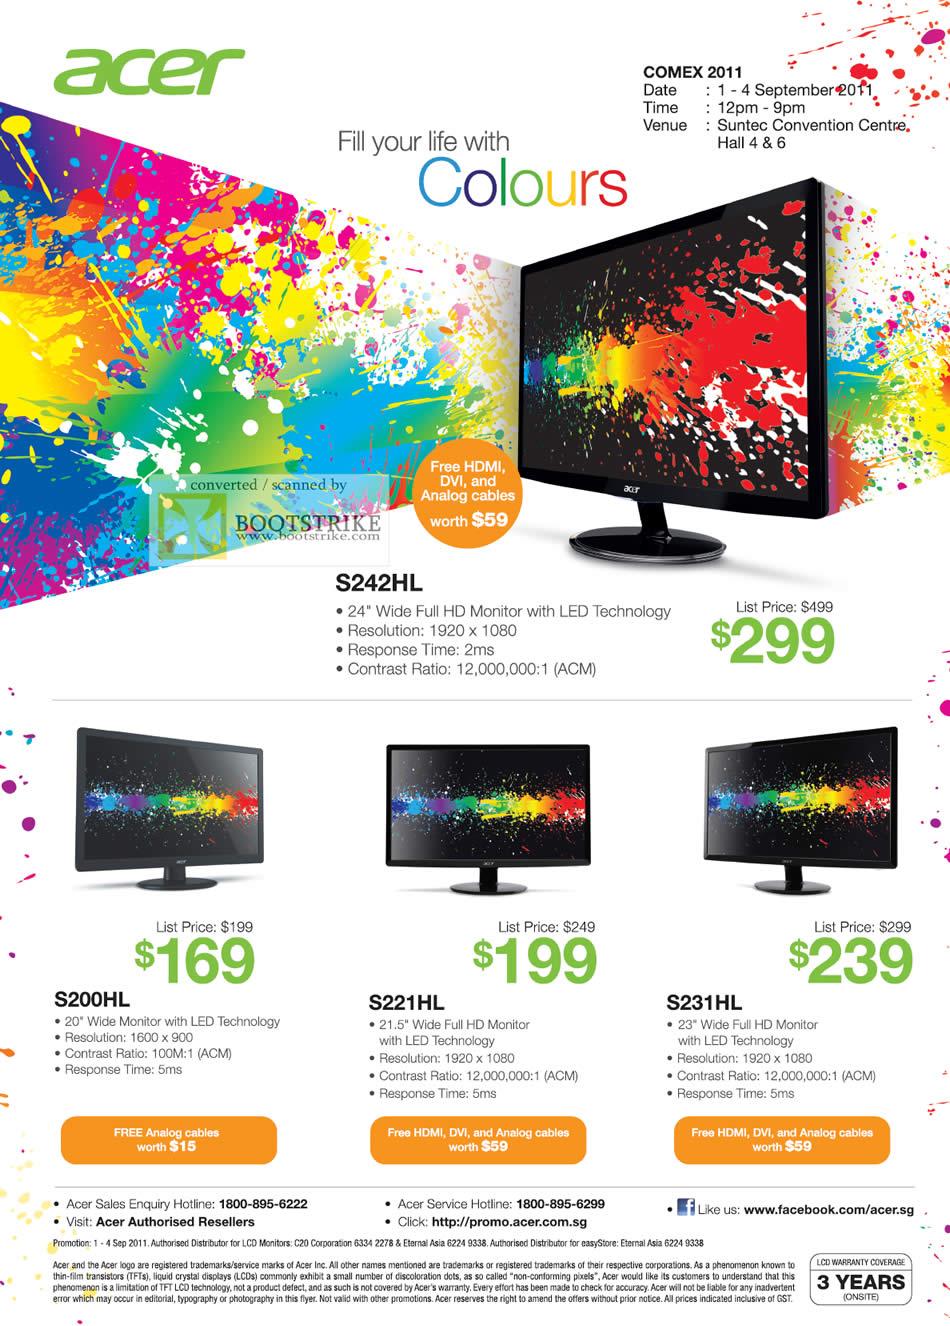 COMEX 2011 price list image brochure of Acer Monitors S242HL S200HL S221HL S231HL